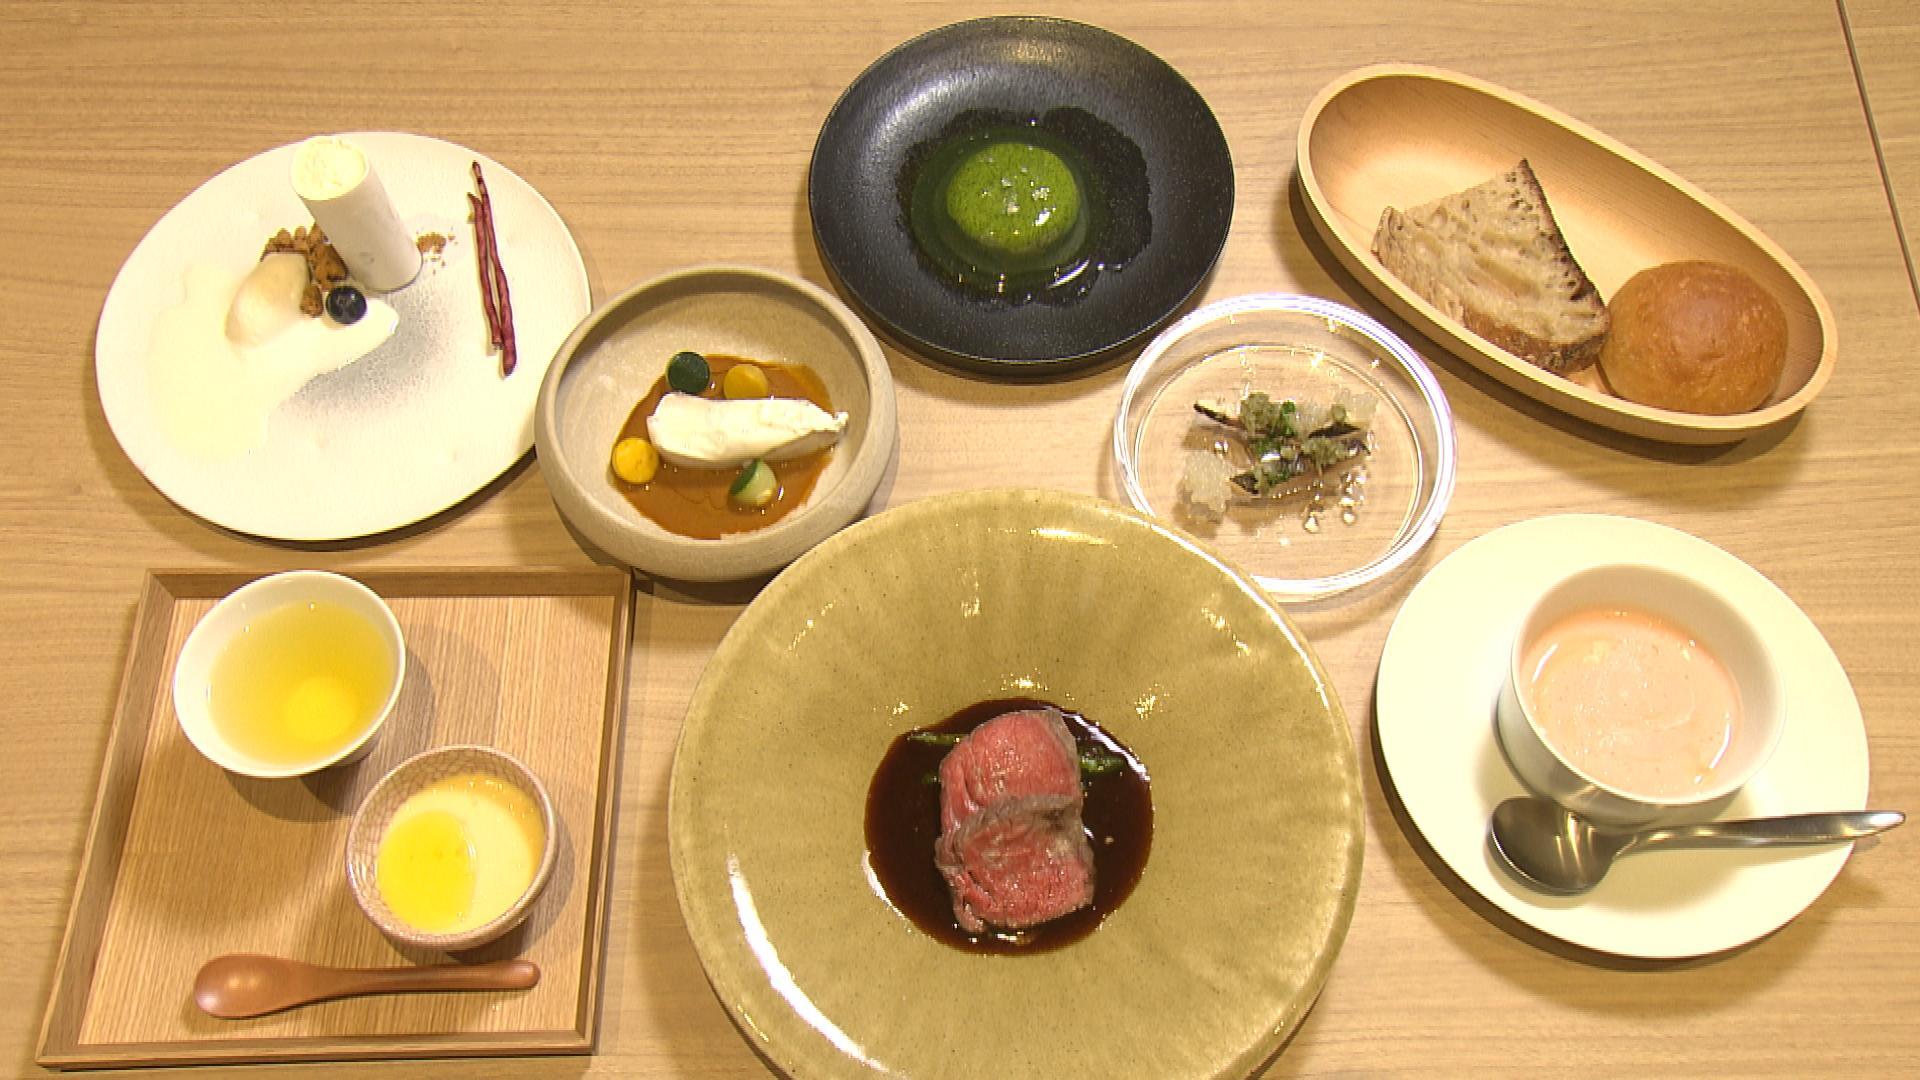 メインの肉料理は、広島産牛肉を使用。